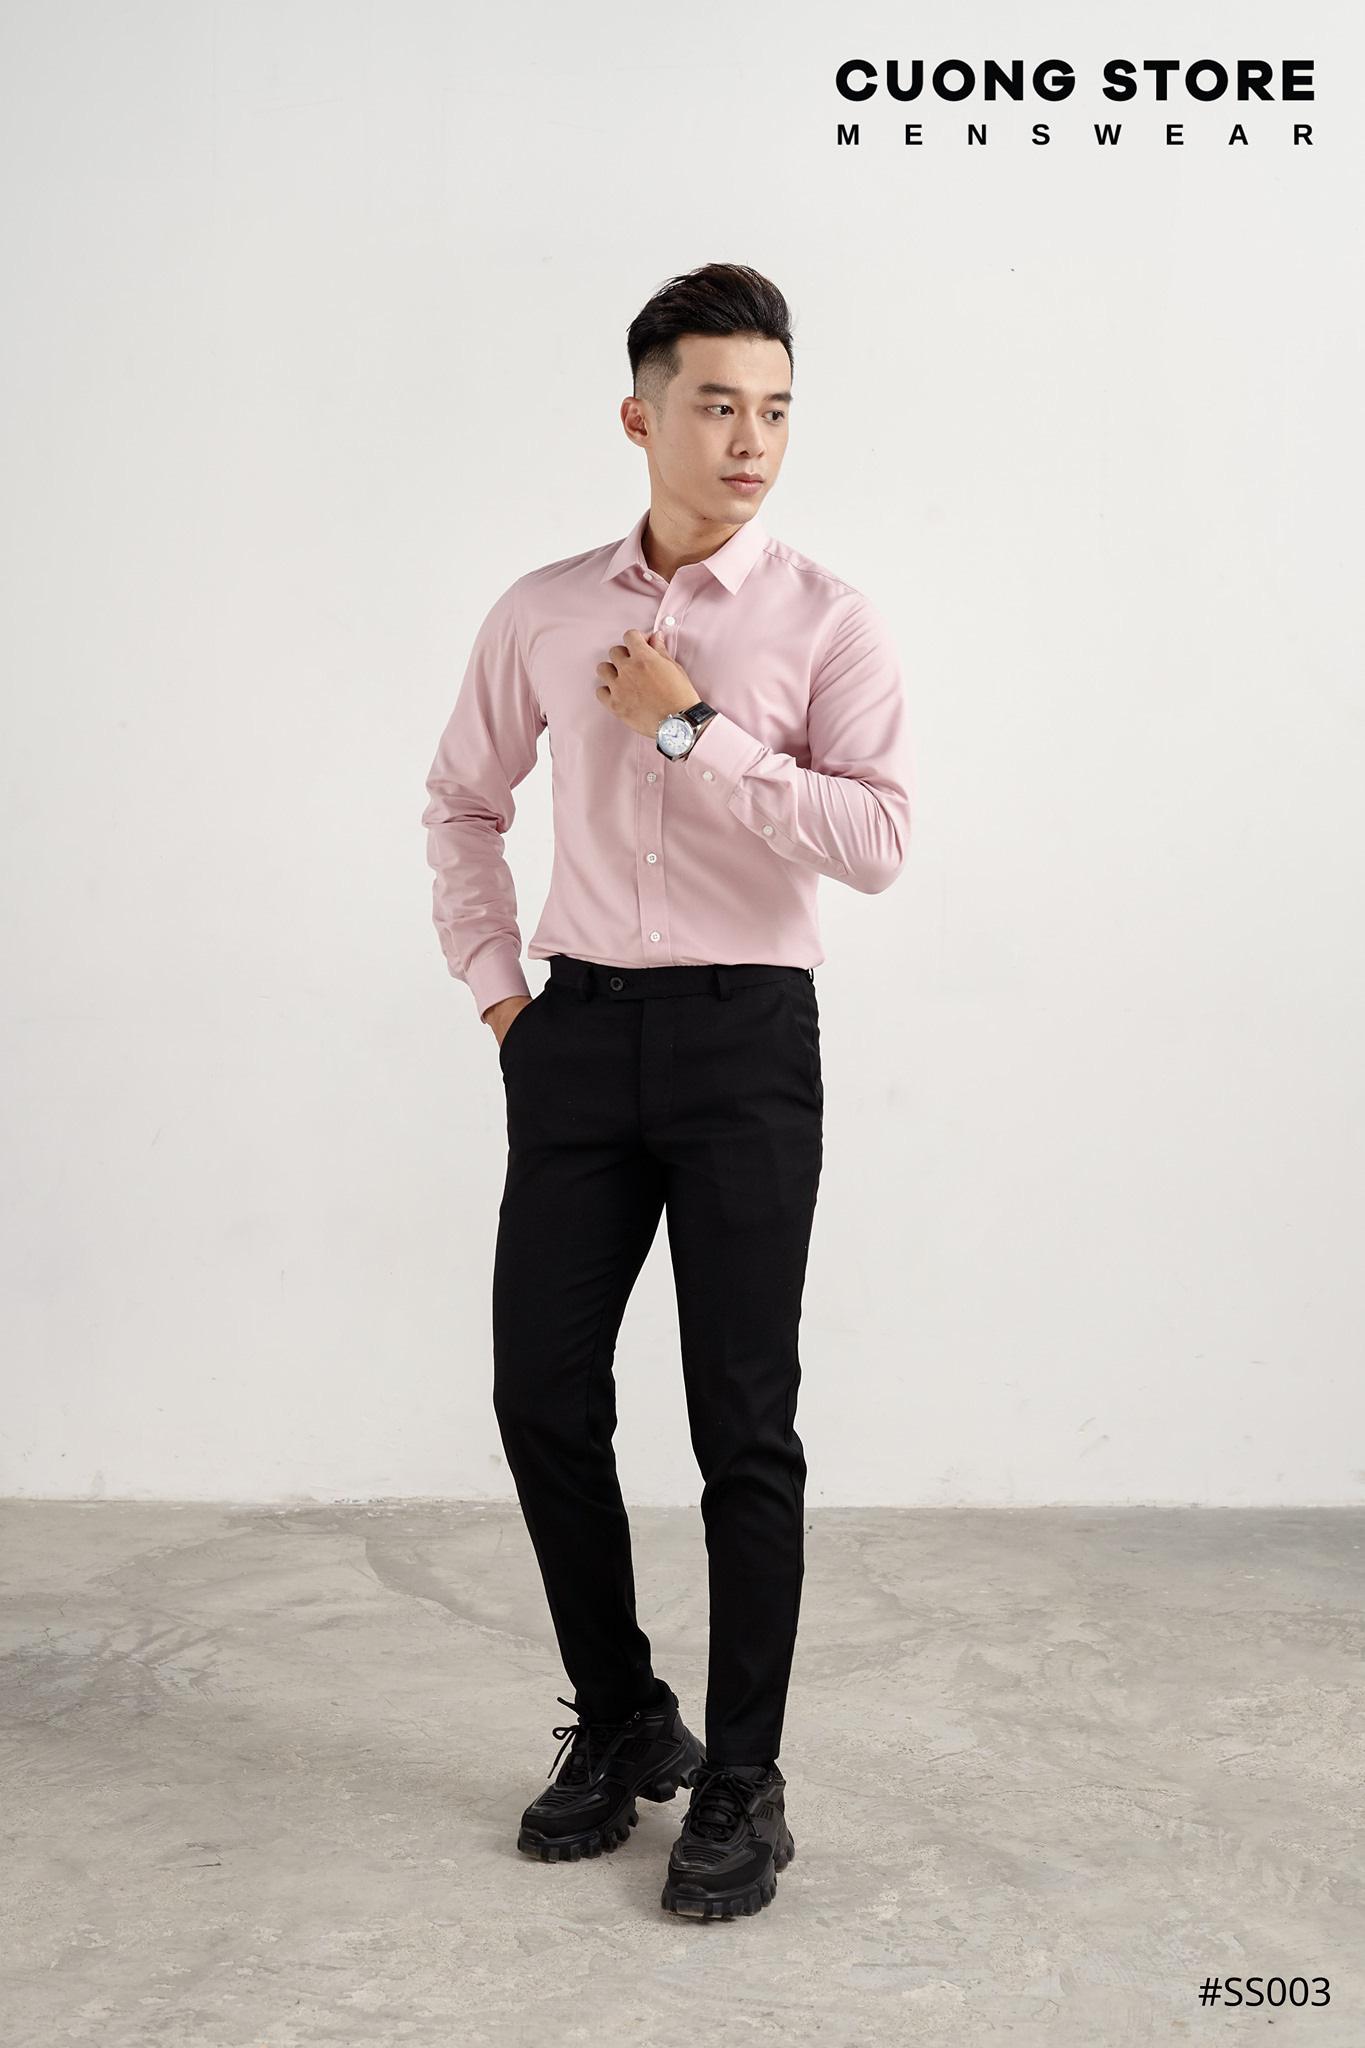 Thời trang CUONG Store gợi ý mix đồ công sở nam theo phong cách đầy cá tính - Ảnh 1.